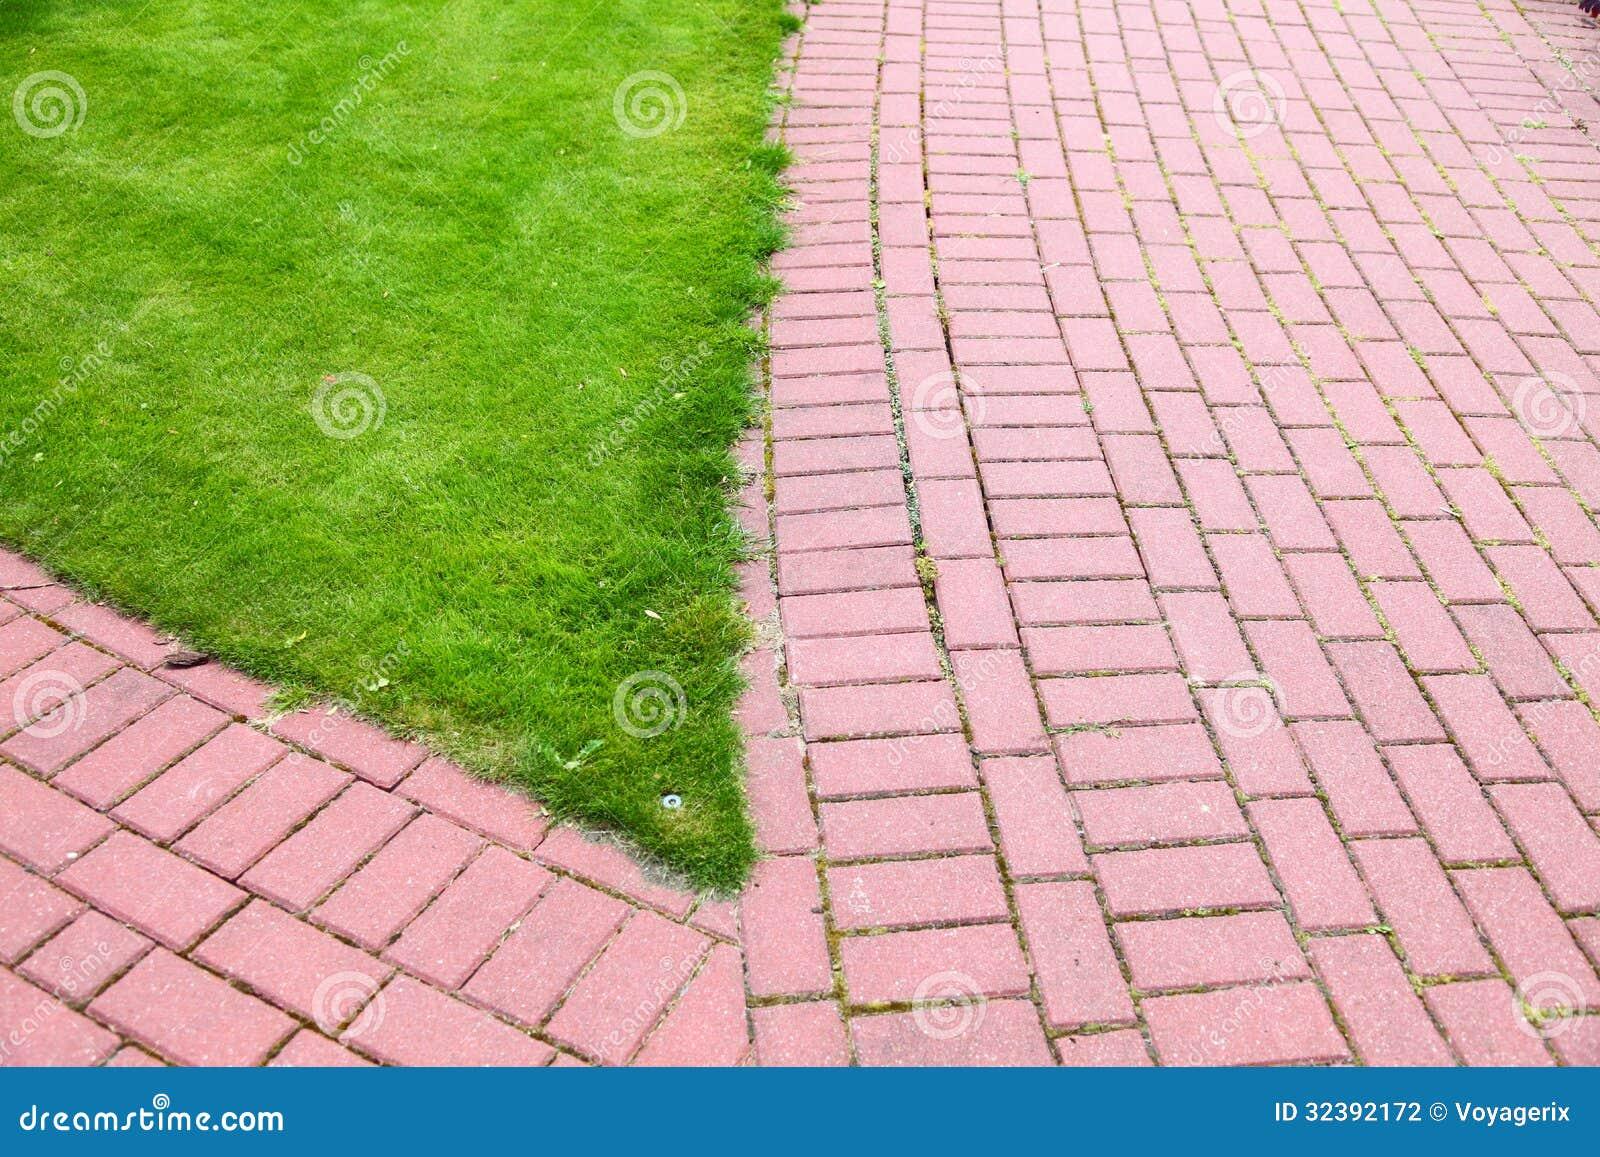 pedra jardim caminho:Trajeto de pedra do jardim com a grama que cresce acima entre e em